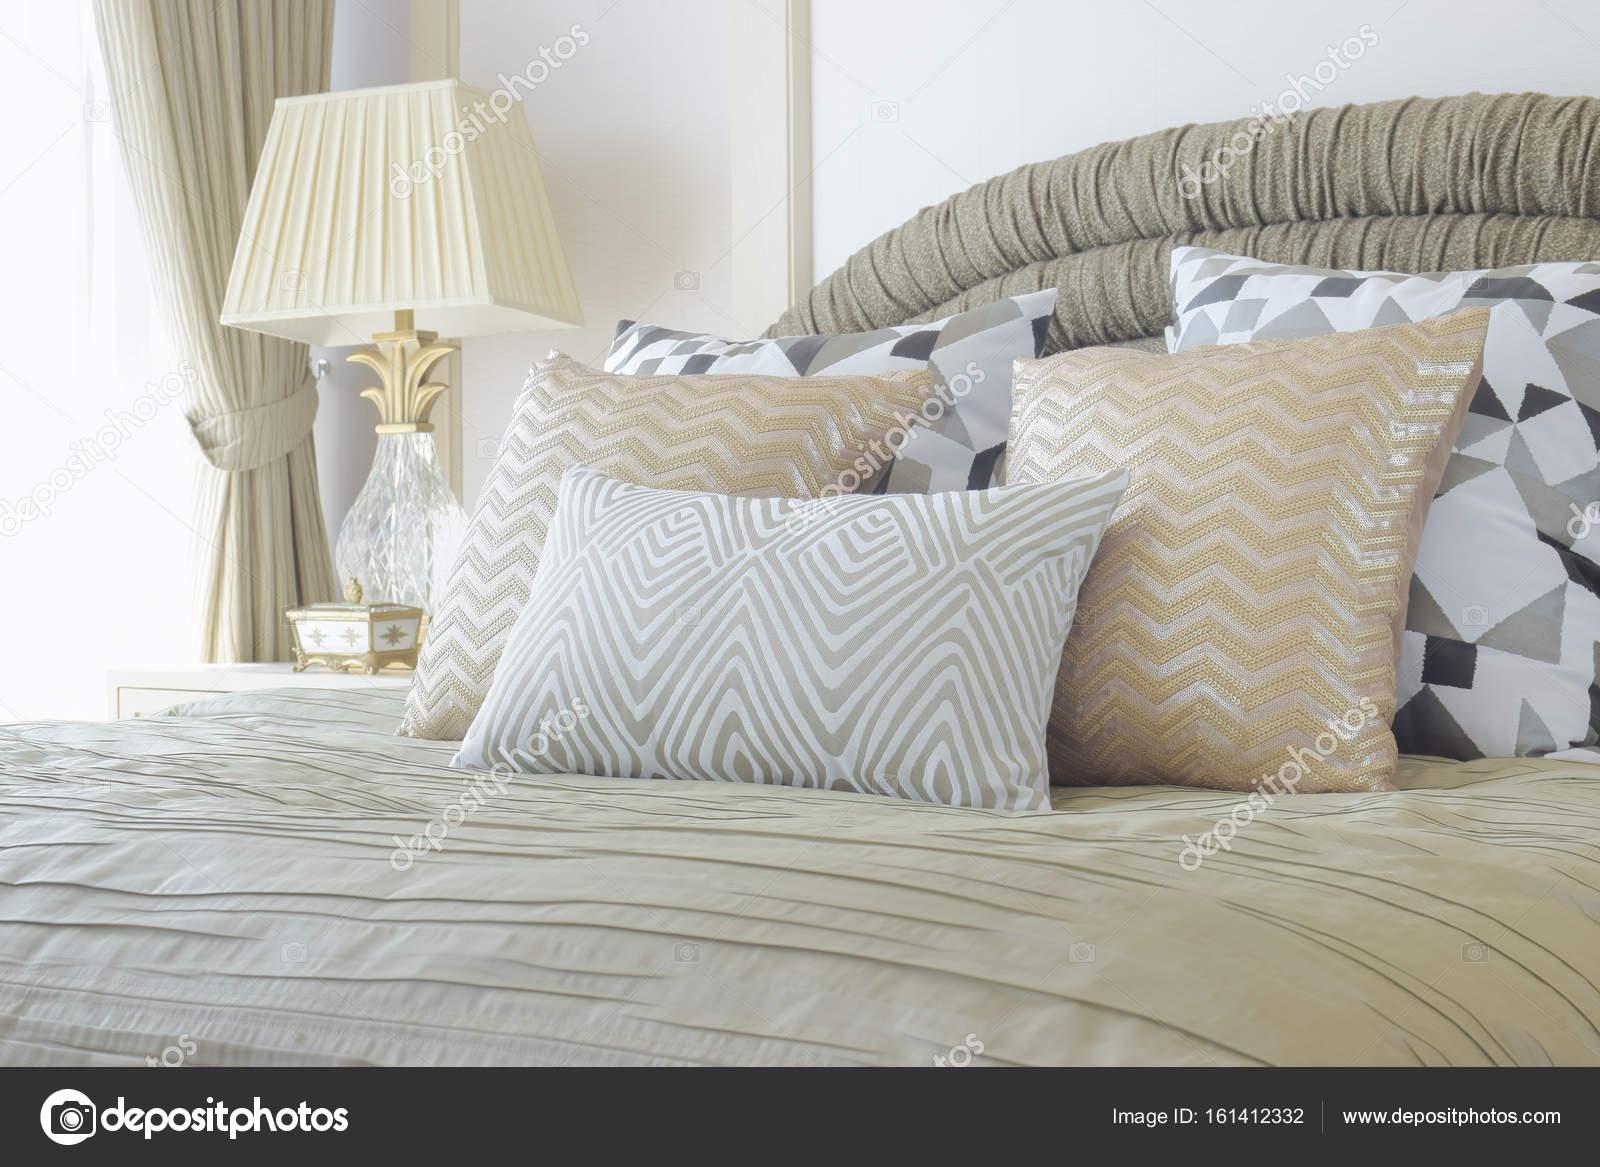 gouden en zilveren kussens op bed met luxe stijl interieur slaapkamer instellen stockfoto